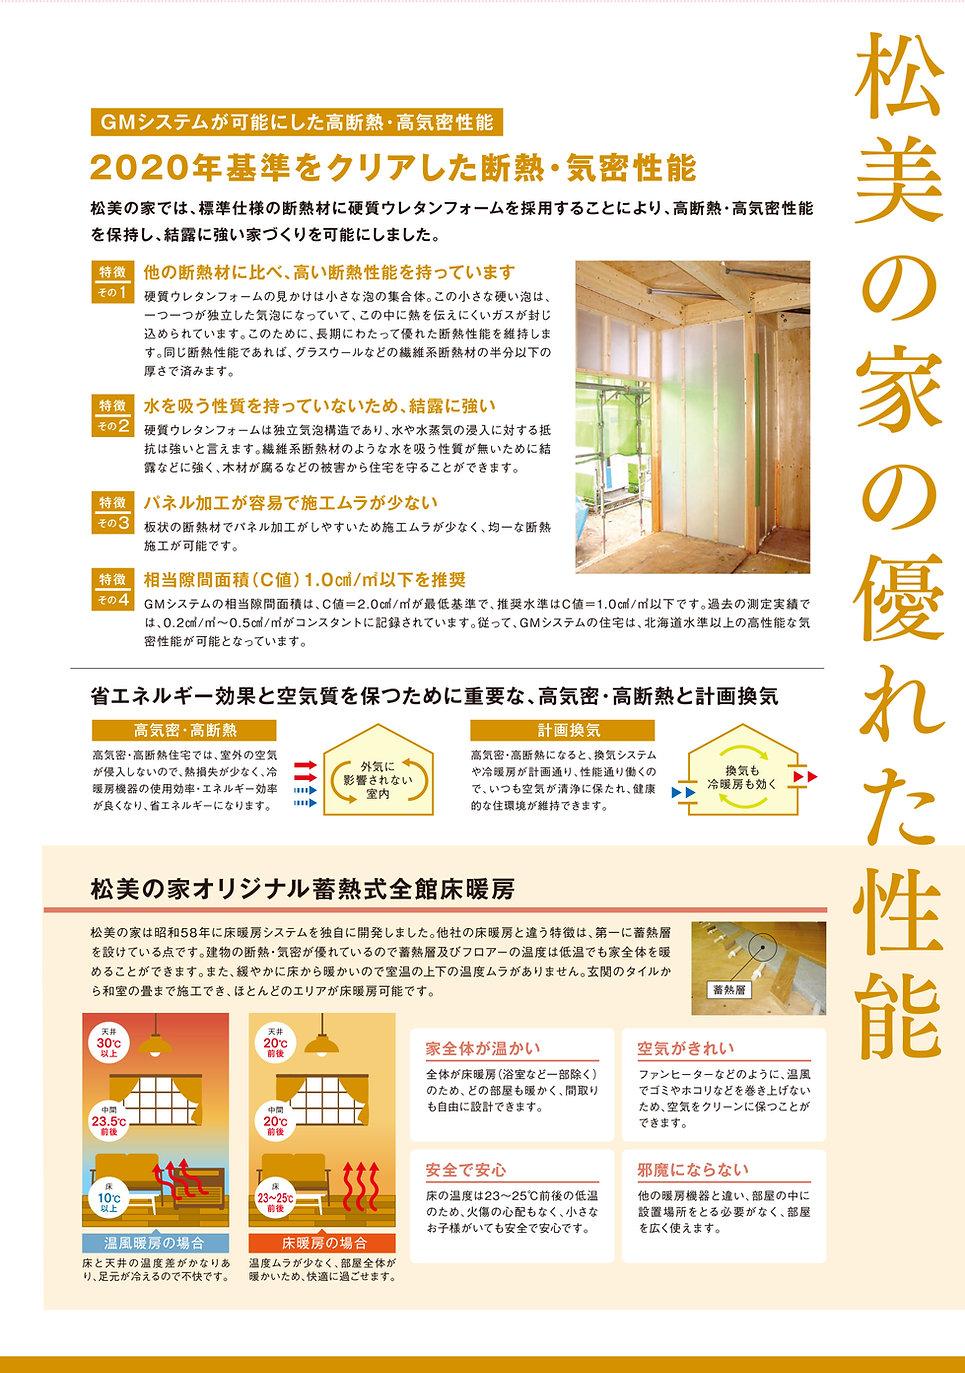 matsumikouhou02.jpg